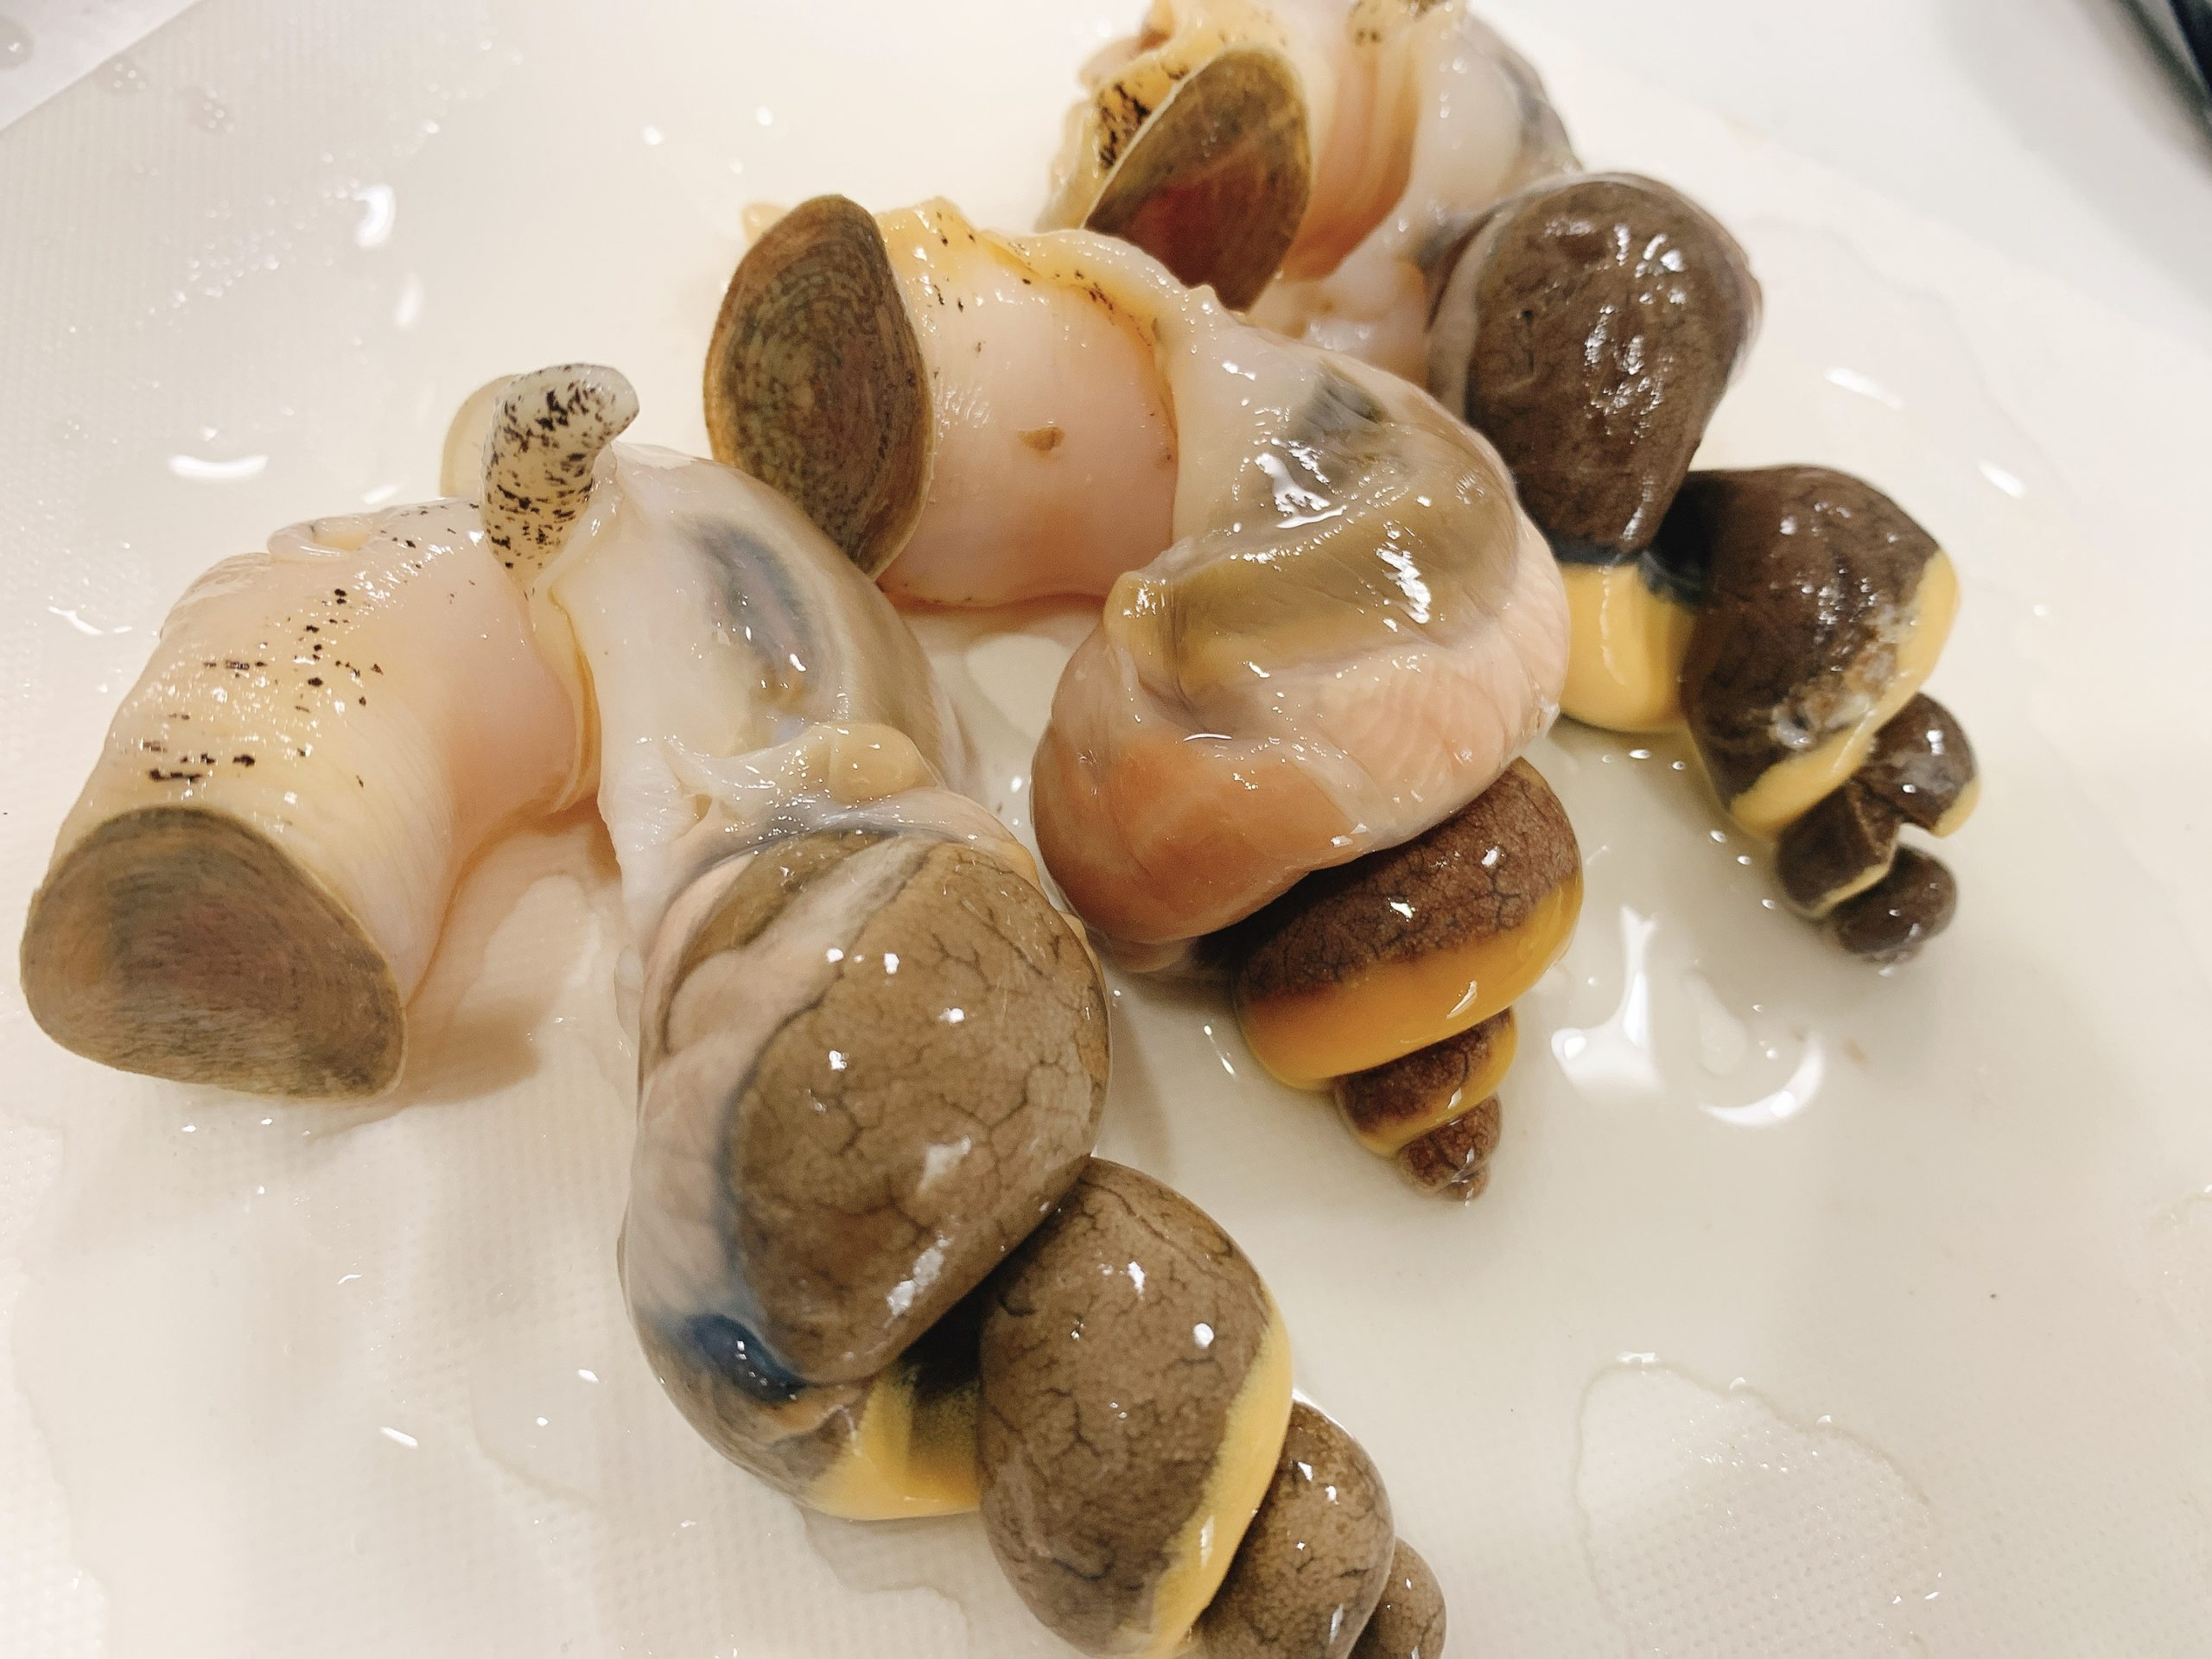 白バイ貝 殻の割り方